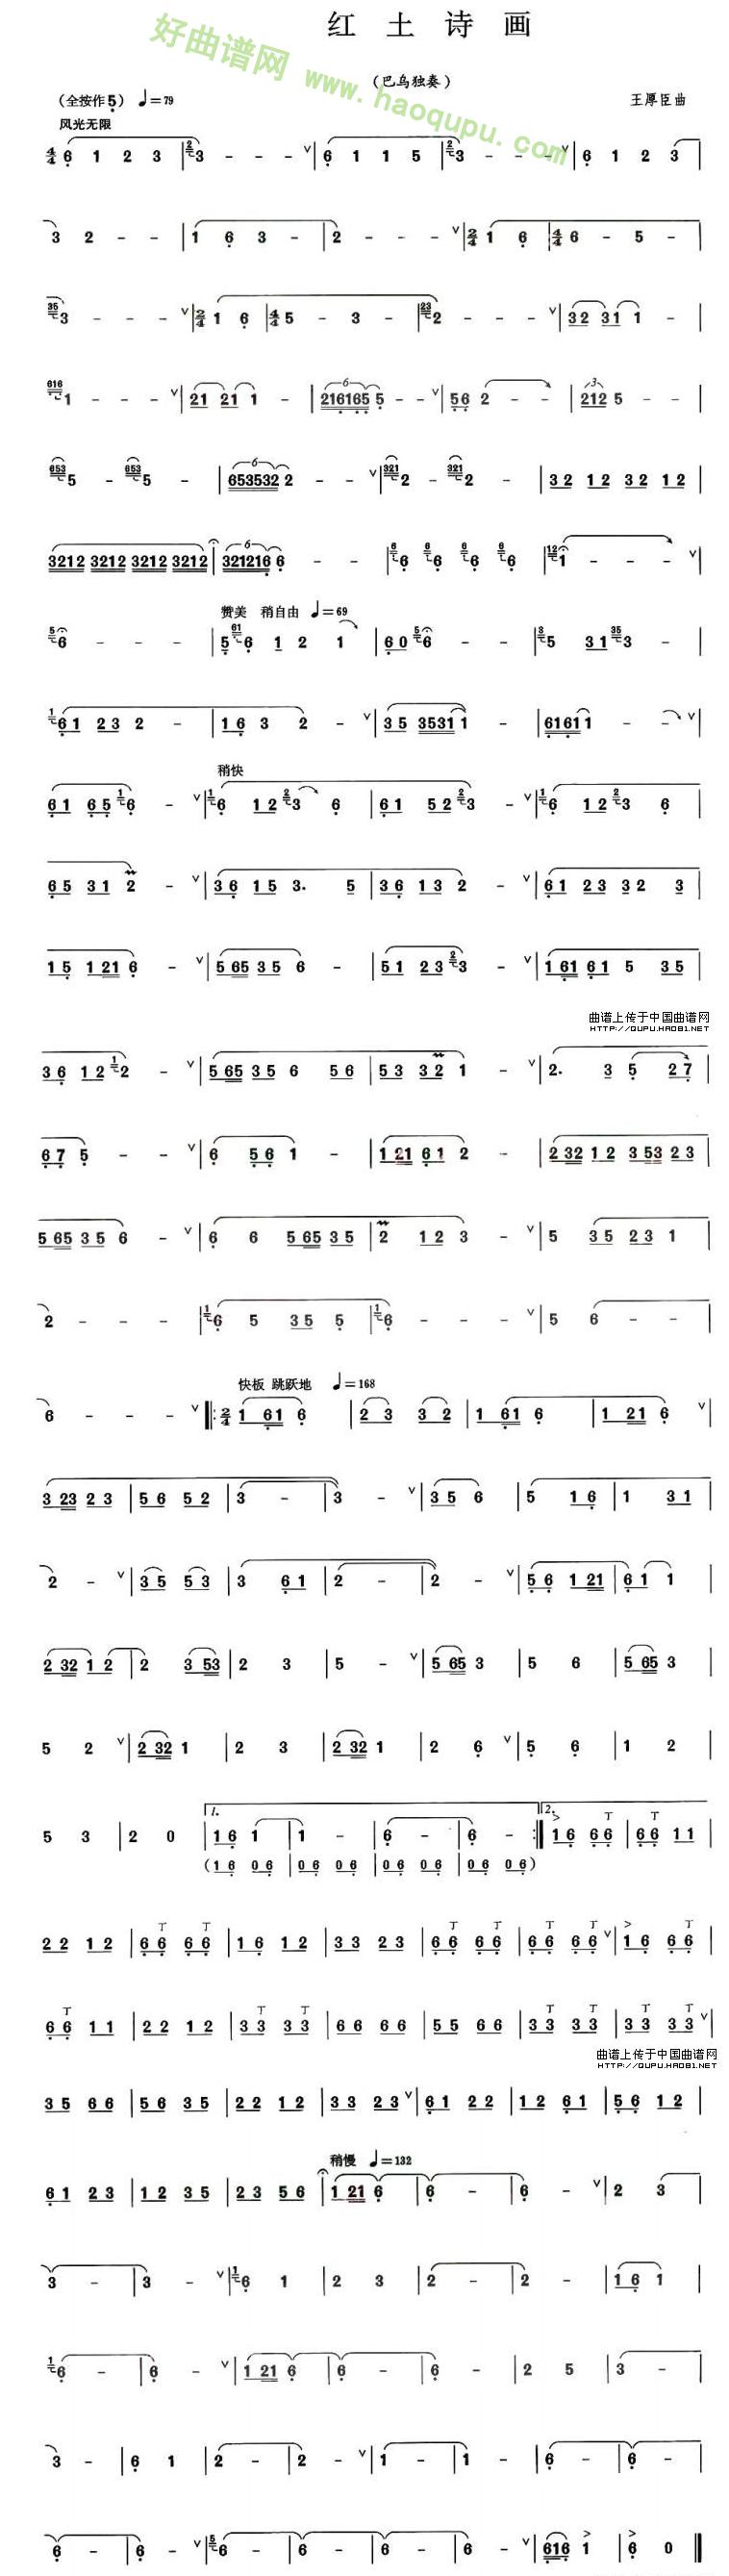 《红土诗画》(巴乌谱)葫芦丝曲谱